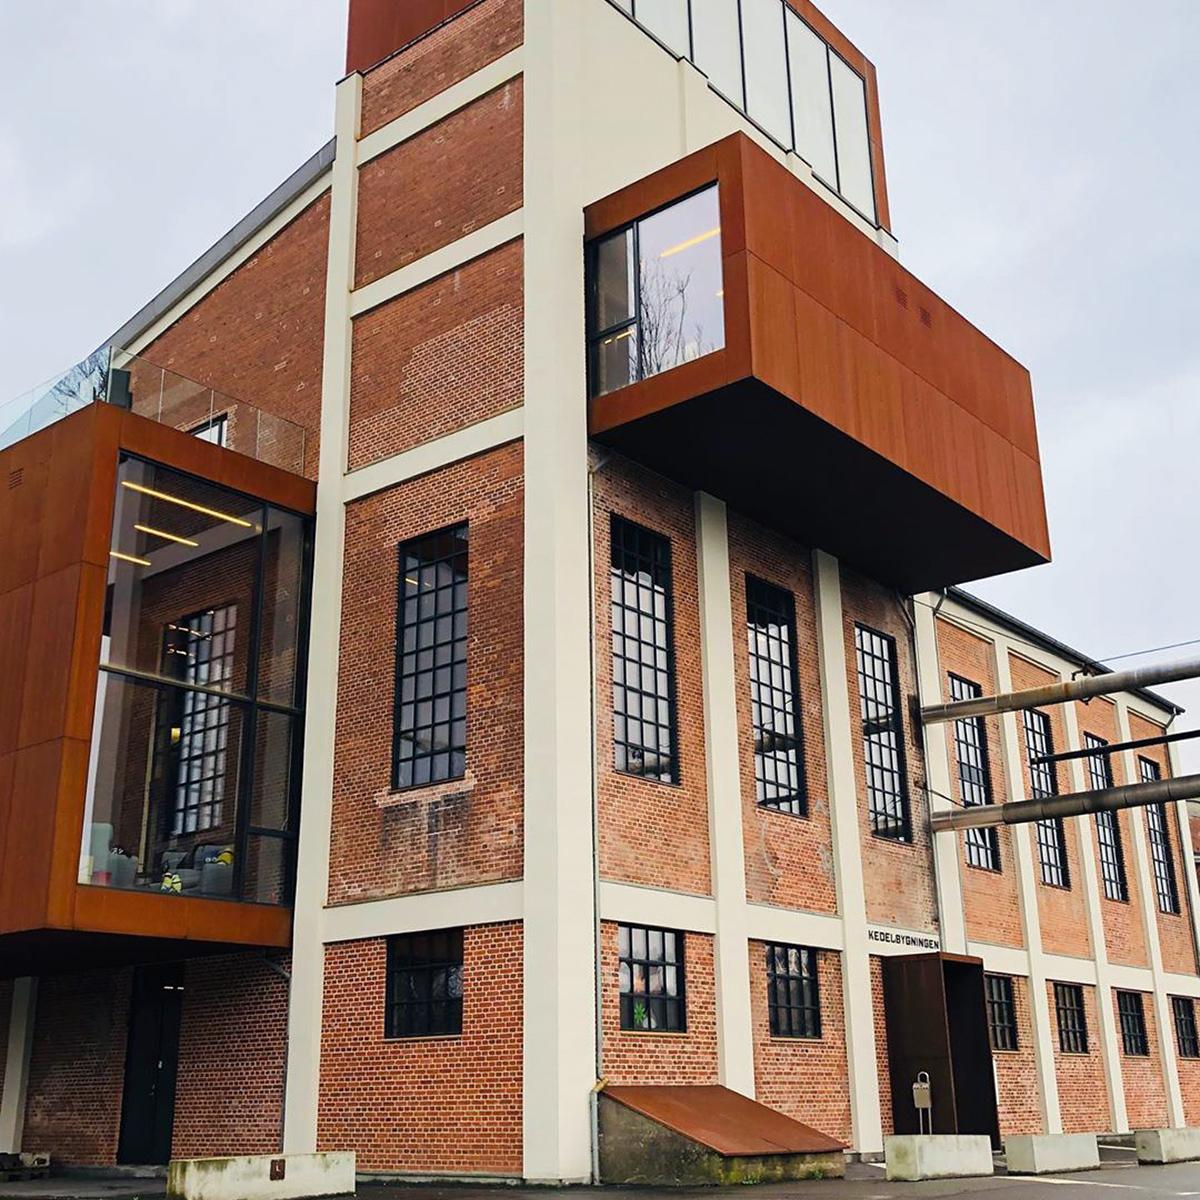 Vejle kulturmuseum i Spinderihallerne Smuk, unik bygning og arkitektur Historiske rammer og unik atmosfære Birkmond lædertasker forhandles hos kluturmuseet